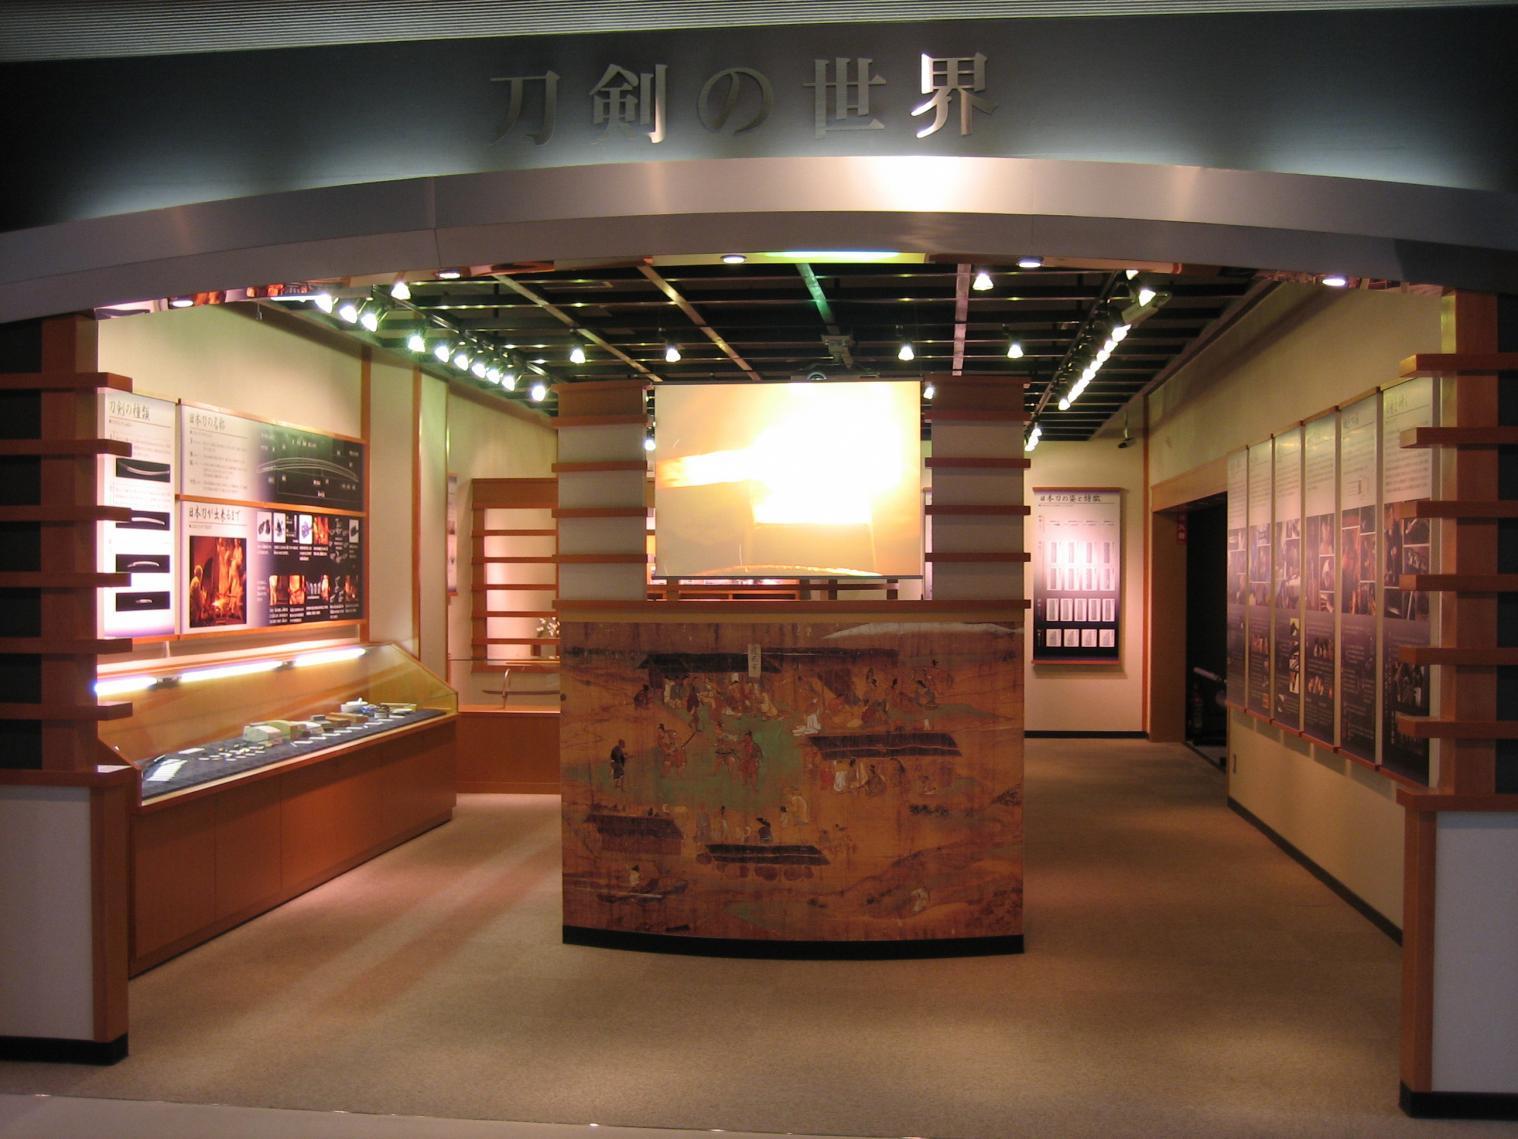 備前おさふね刀剣の里備前長船刀剣博物館-1